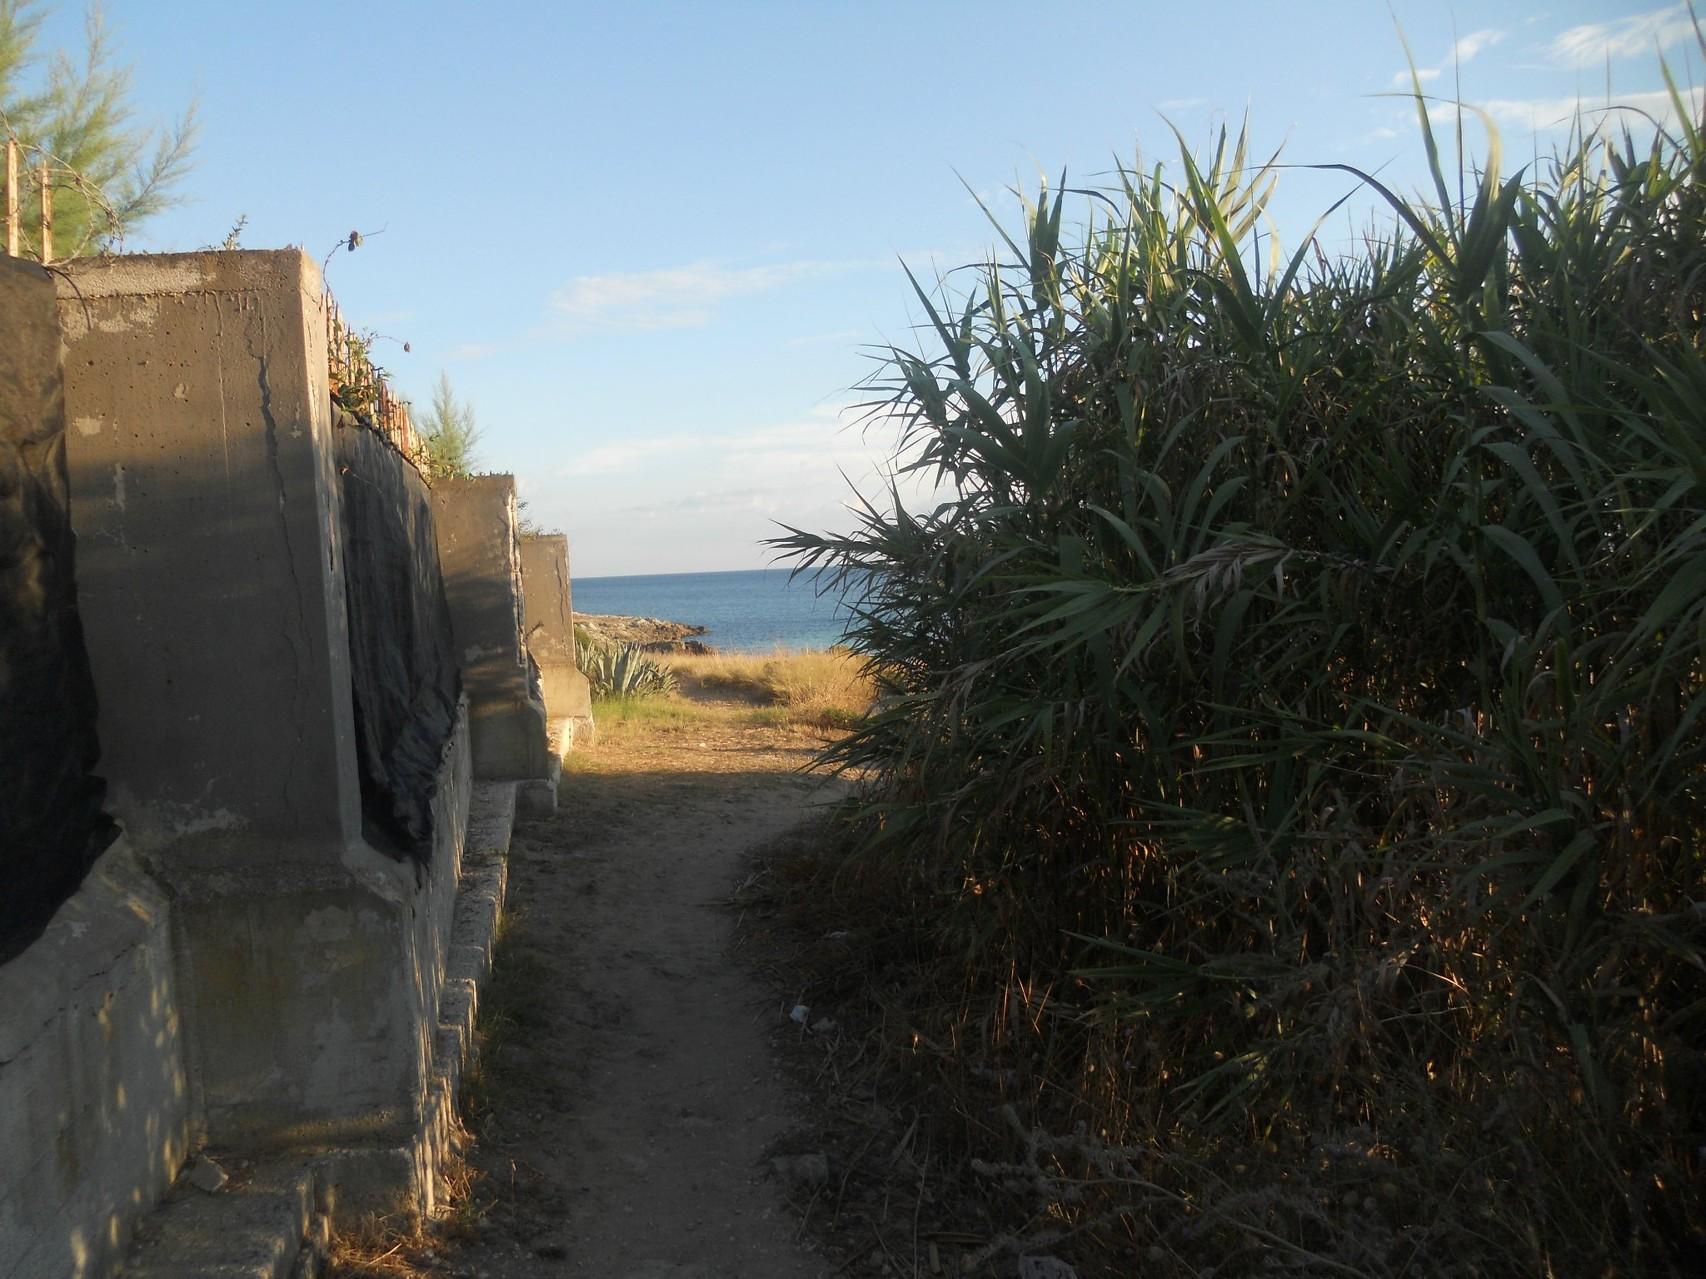 Straatje naar het strand op 1 km afstand.